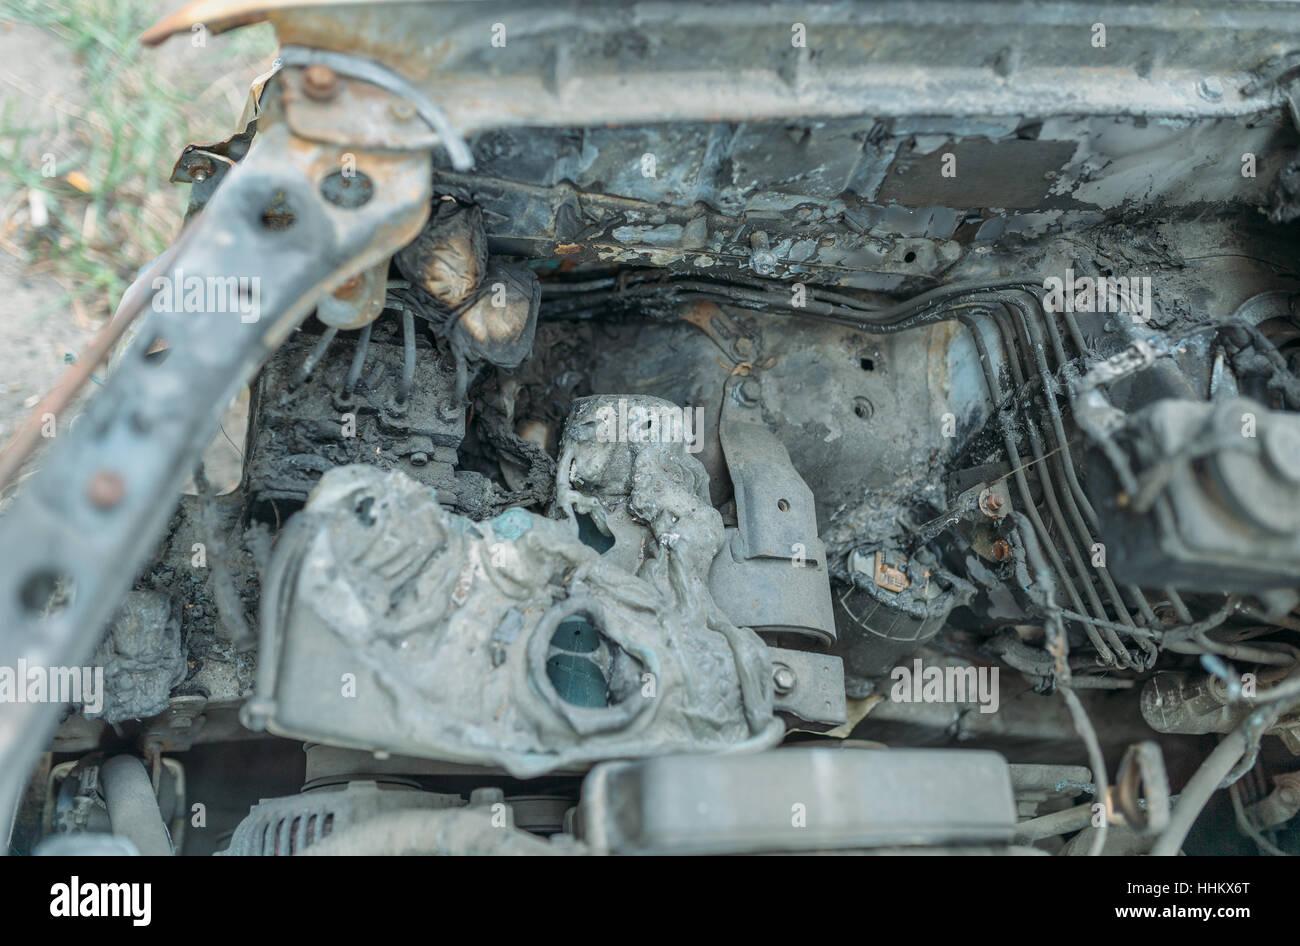 Autos, die Verdrahtung verbrannt. Autos standen in der Nähe des ...